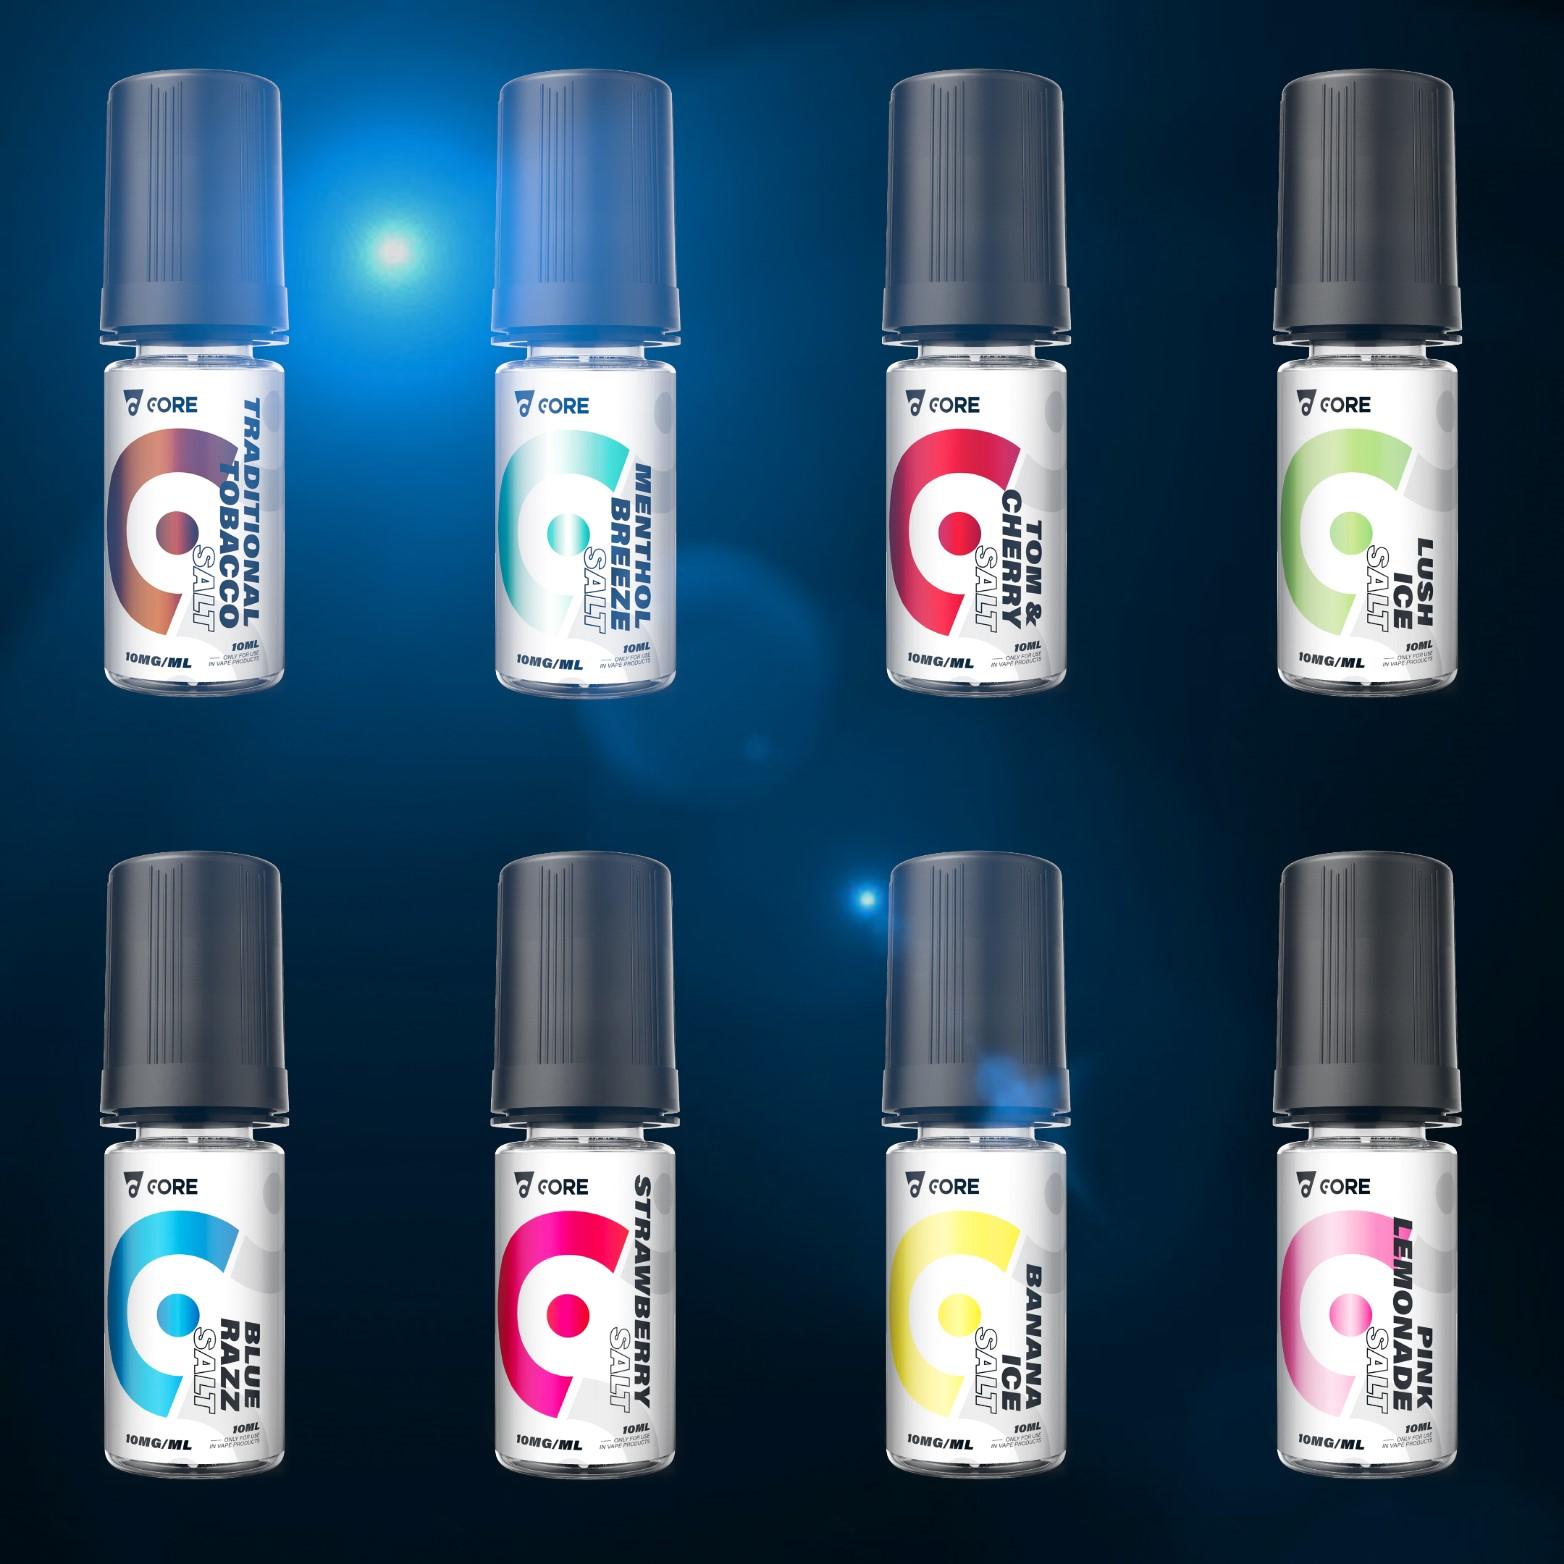 Core Salt E-Liquid 4x 10ml – £10.00